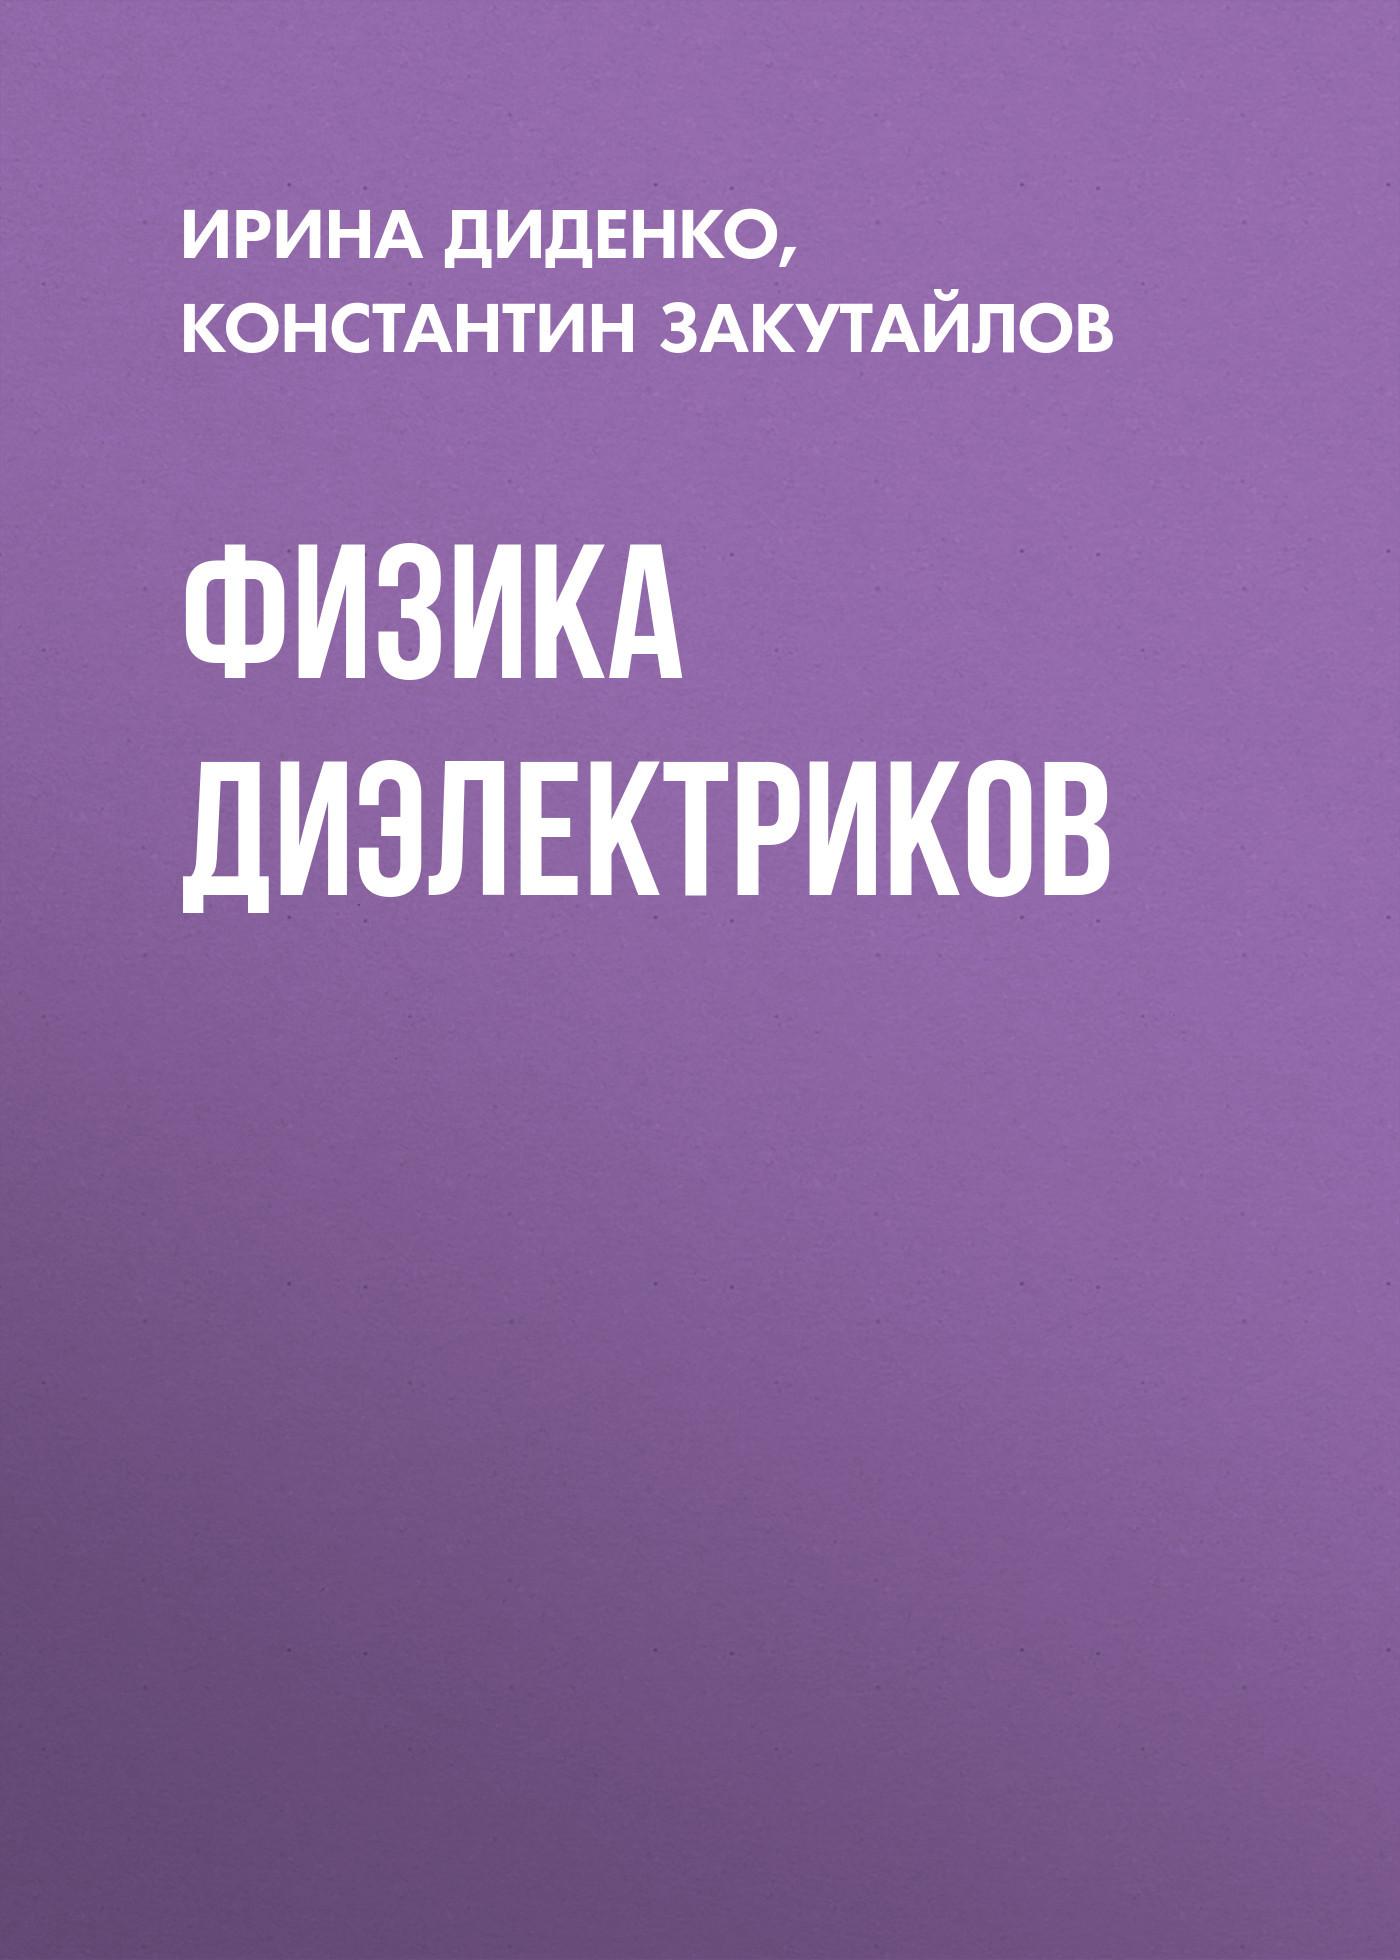 Ирина Диденко Физика диэлектриков